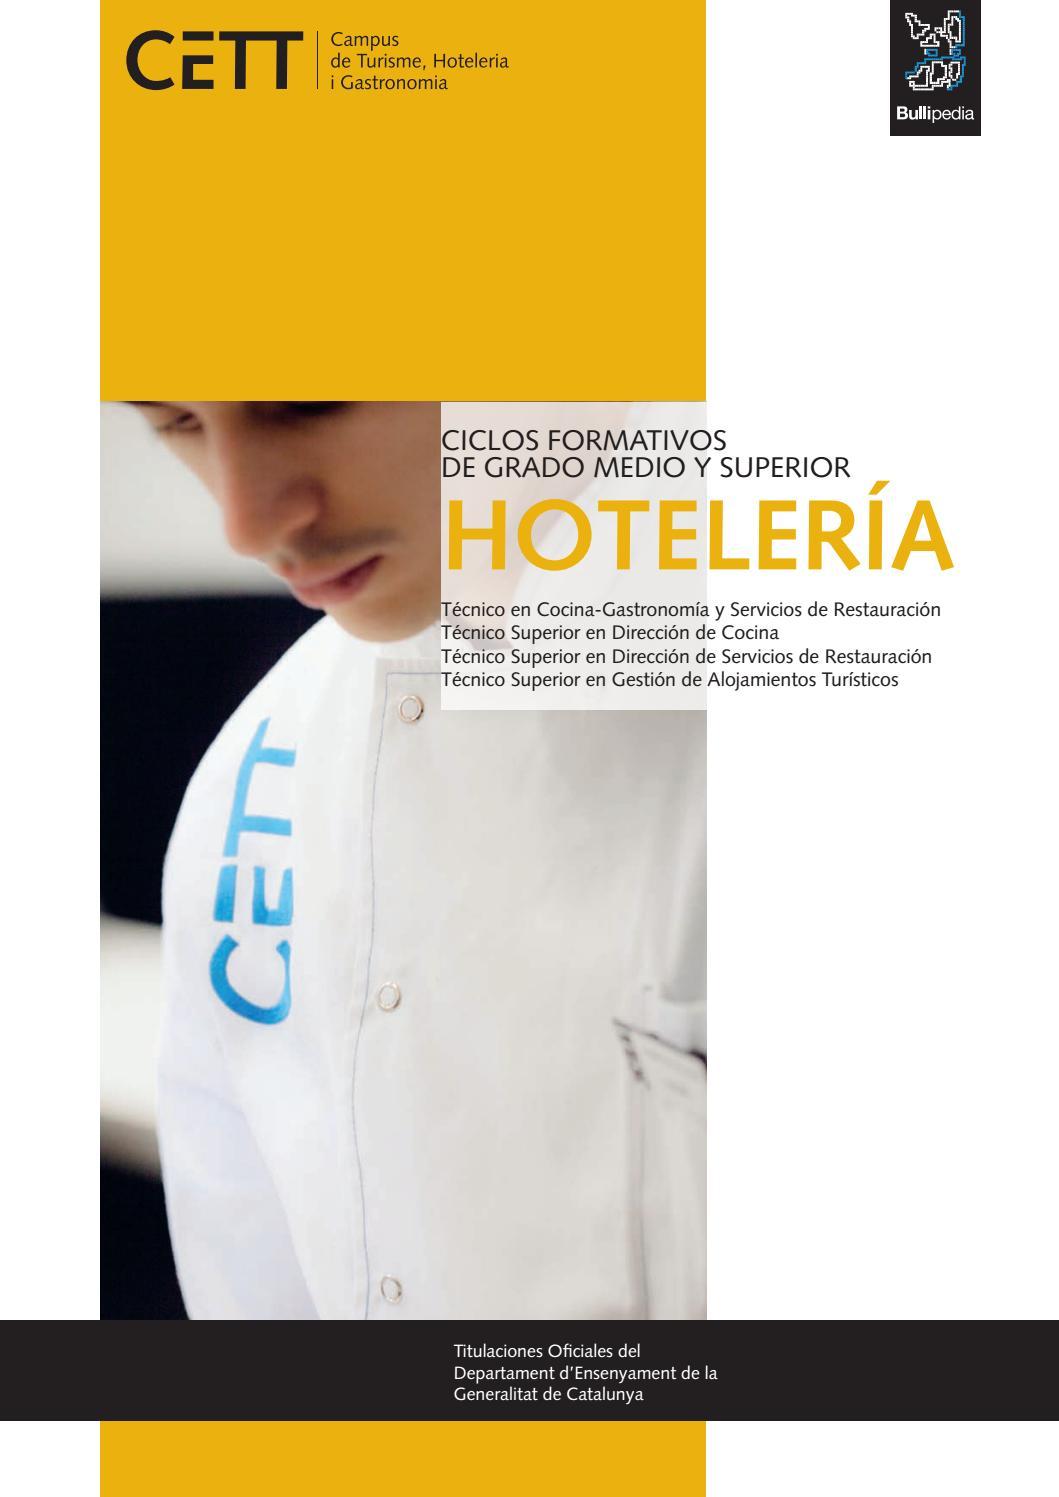 Ciclos Formativos De Grado Medio Y Superior De Hotelería